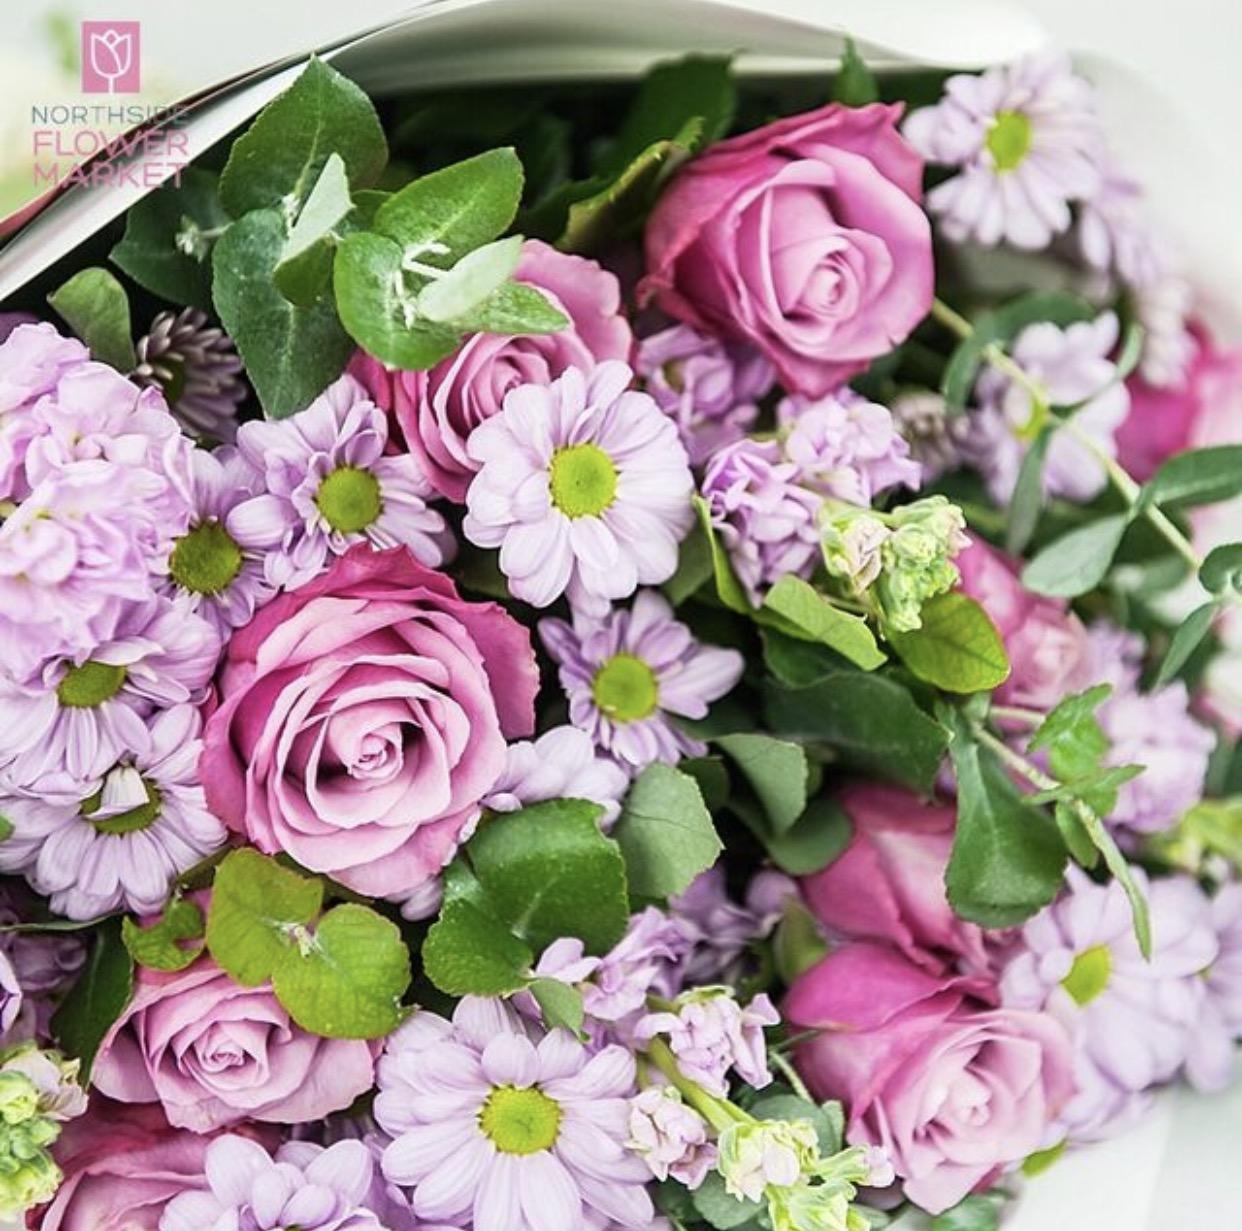 Image credit - Northside Flower Markets